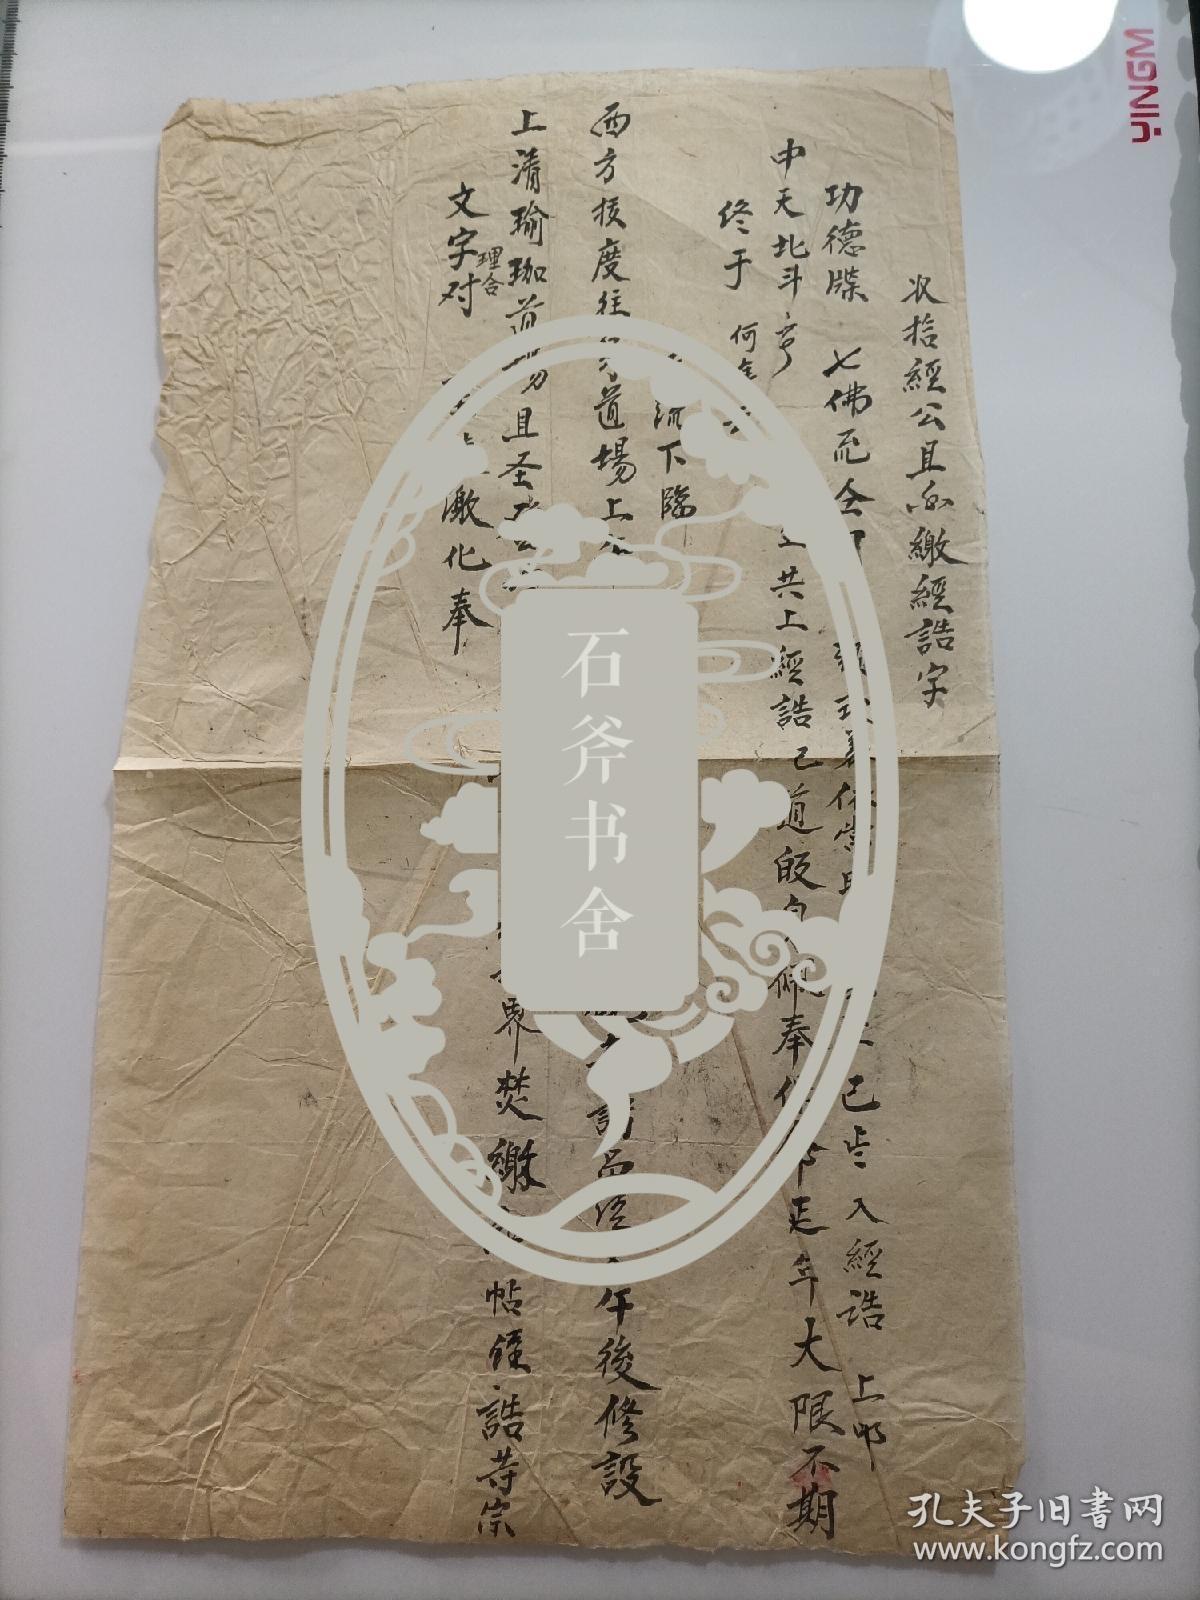 清代民俗文献手稿一页